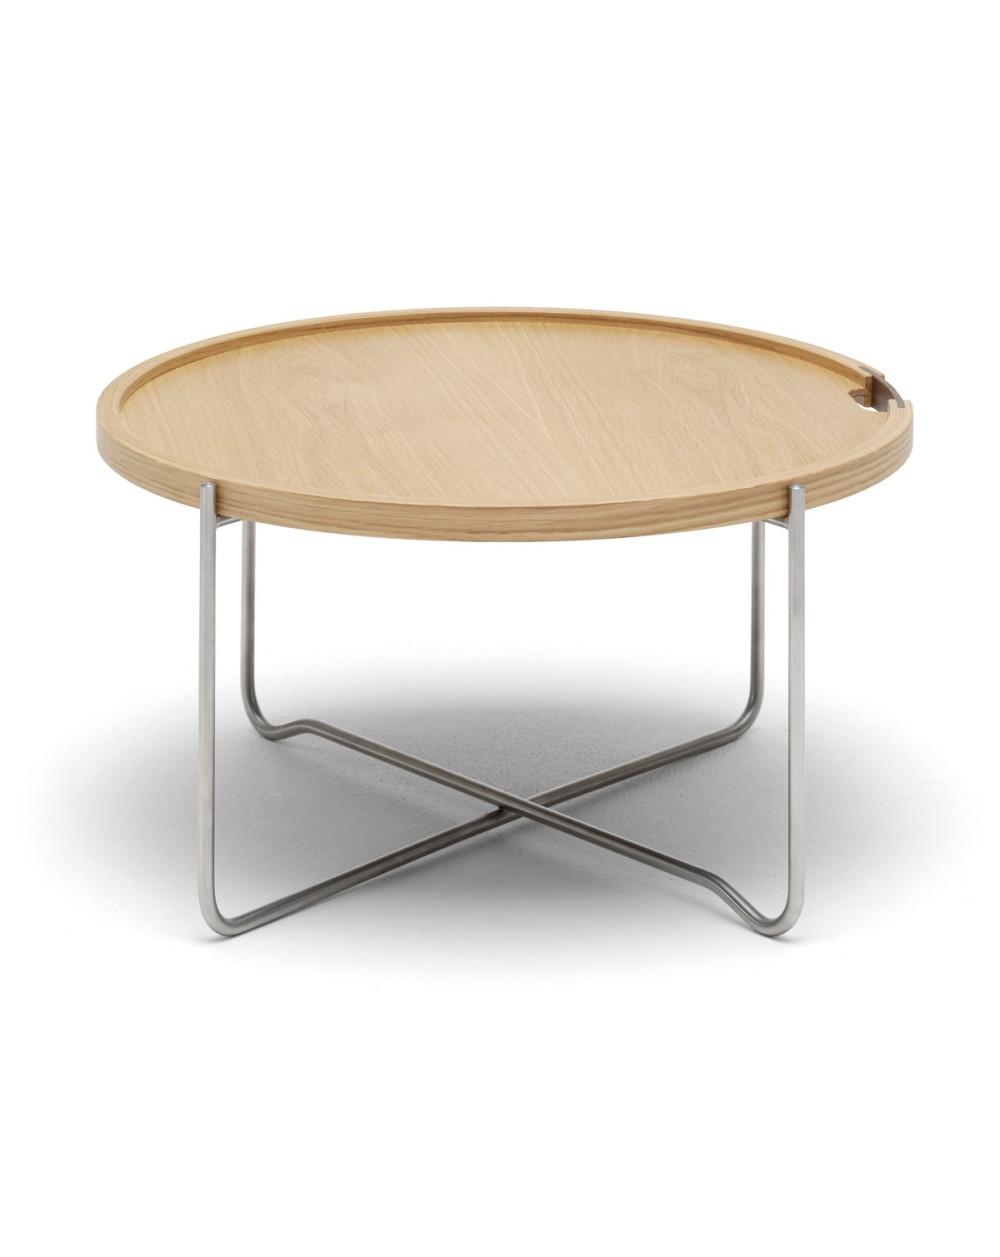 SOFA TABLE CH417